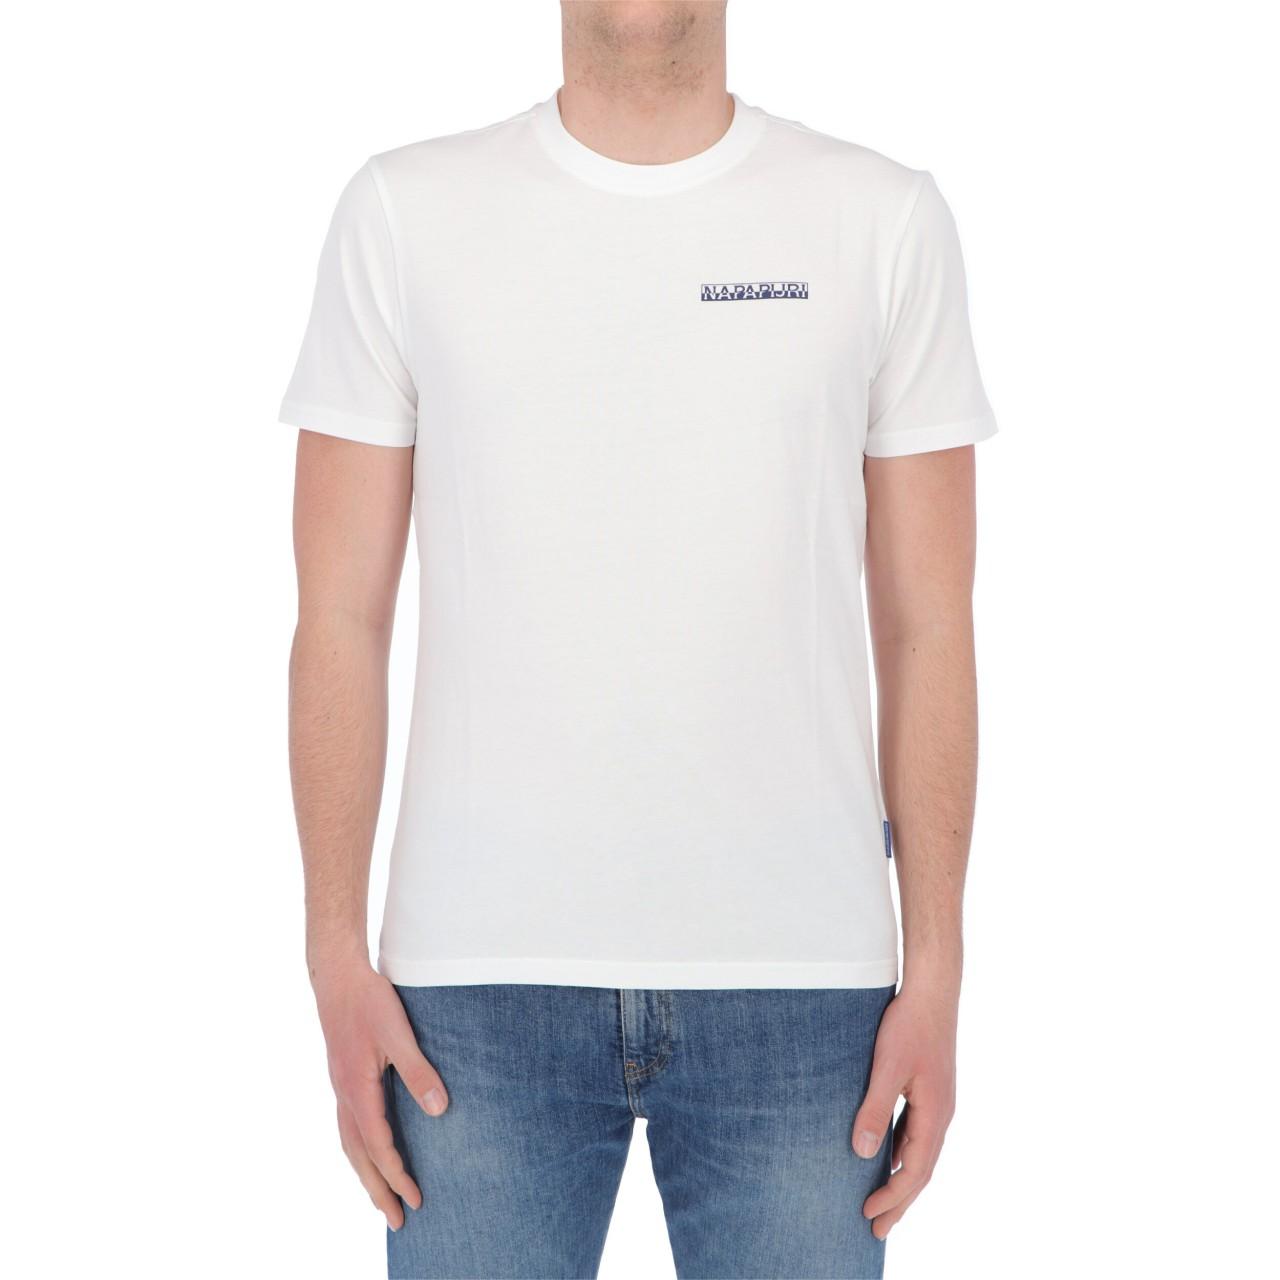 Napapijri Uomo T-shirt Napapijri Uomo Back logo SURFP